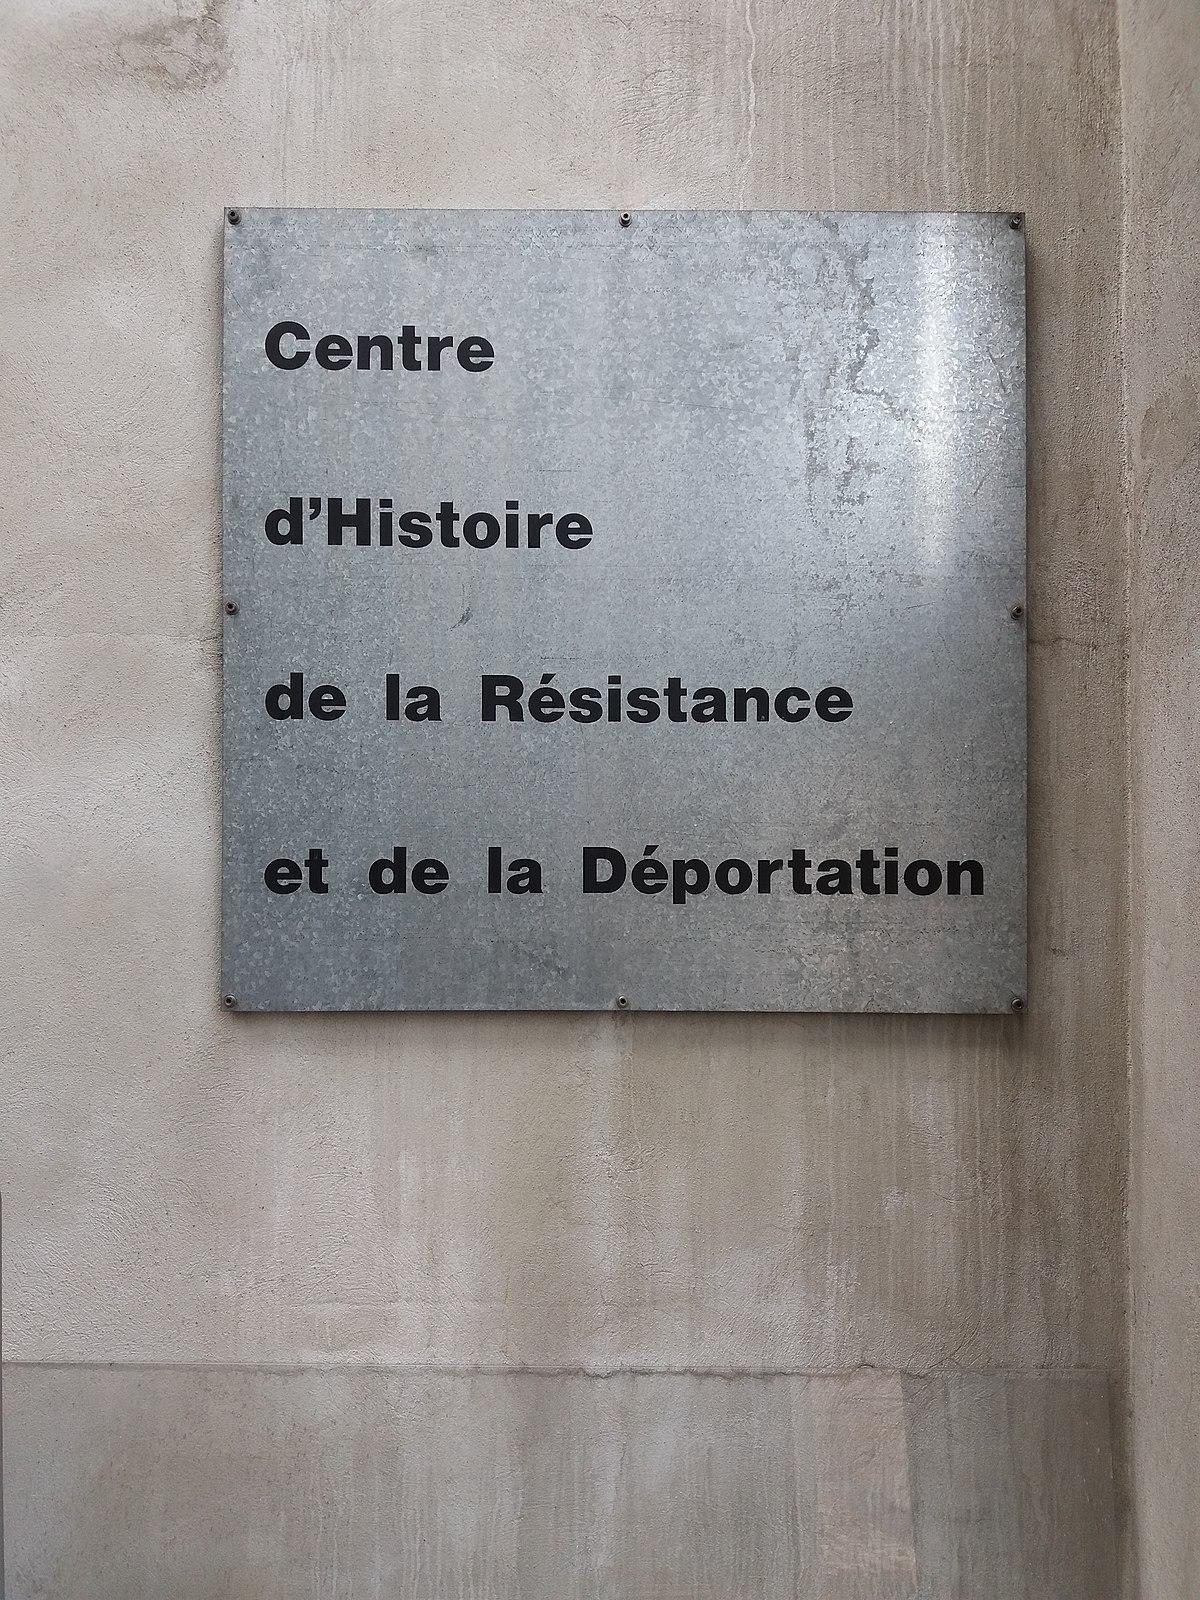 Centre D'histoire De La Résistance Et De La Déportation : centre, d'histoire, résistance, déportation, File:Lyon, Centre, D'Histoire, Résistance, Déportation,, Plaque.jpg, Wikimedia, Commons